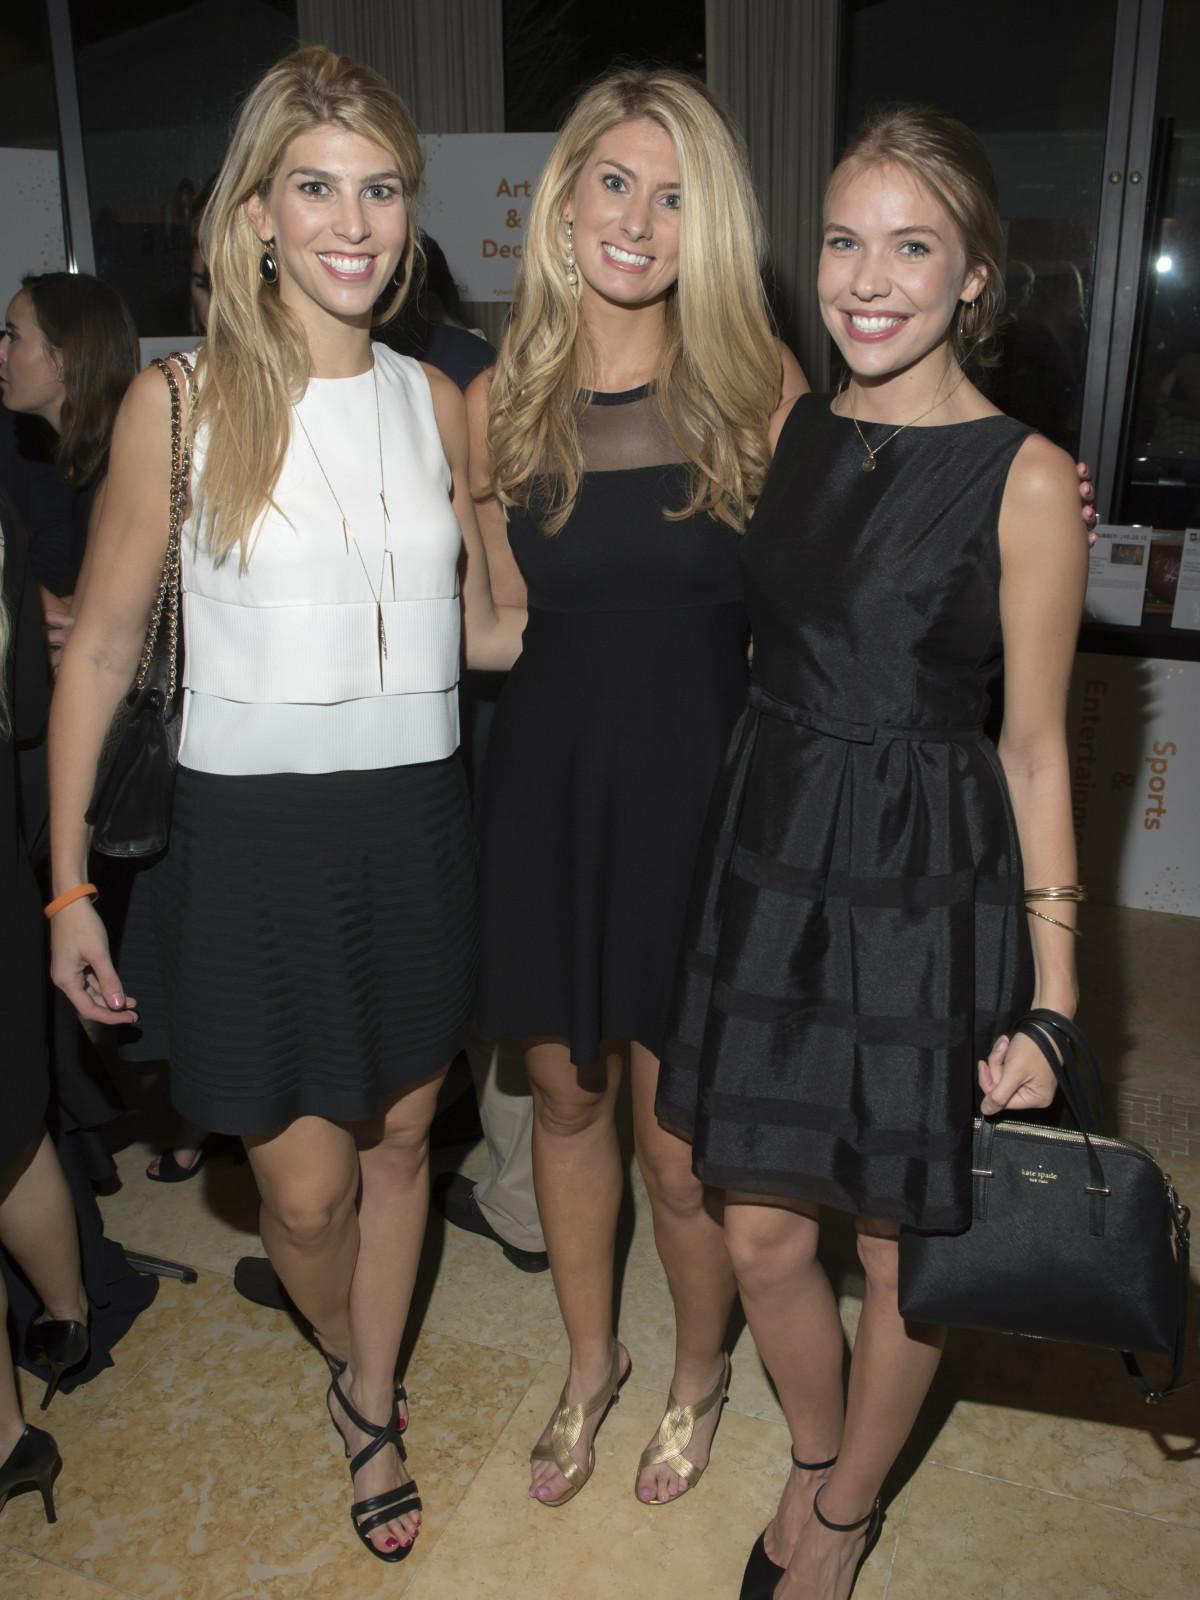 Kathleen Nash, Kristin Nash, Emily Lehmberg